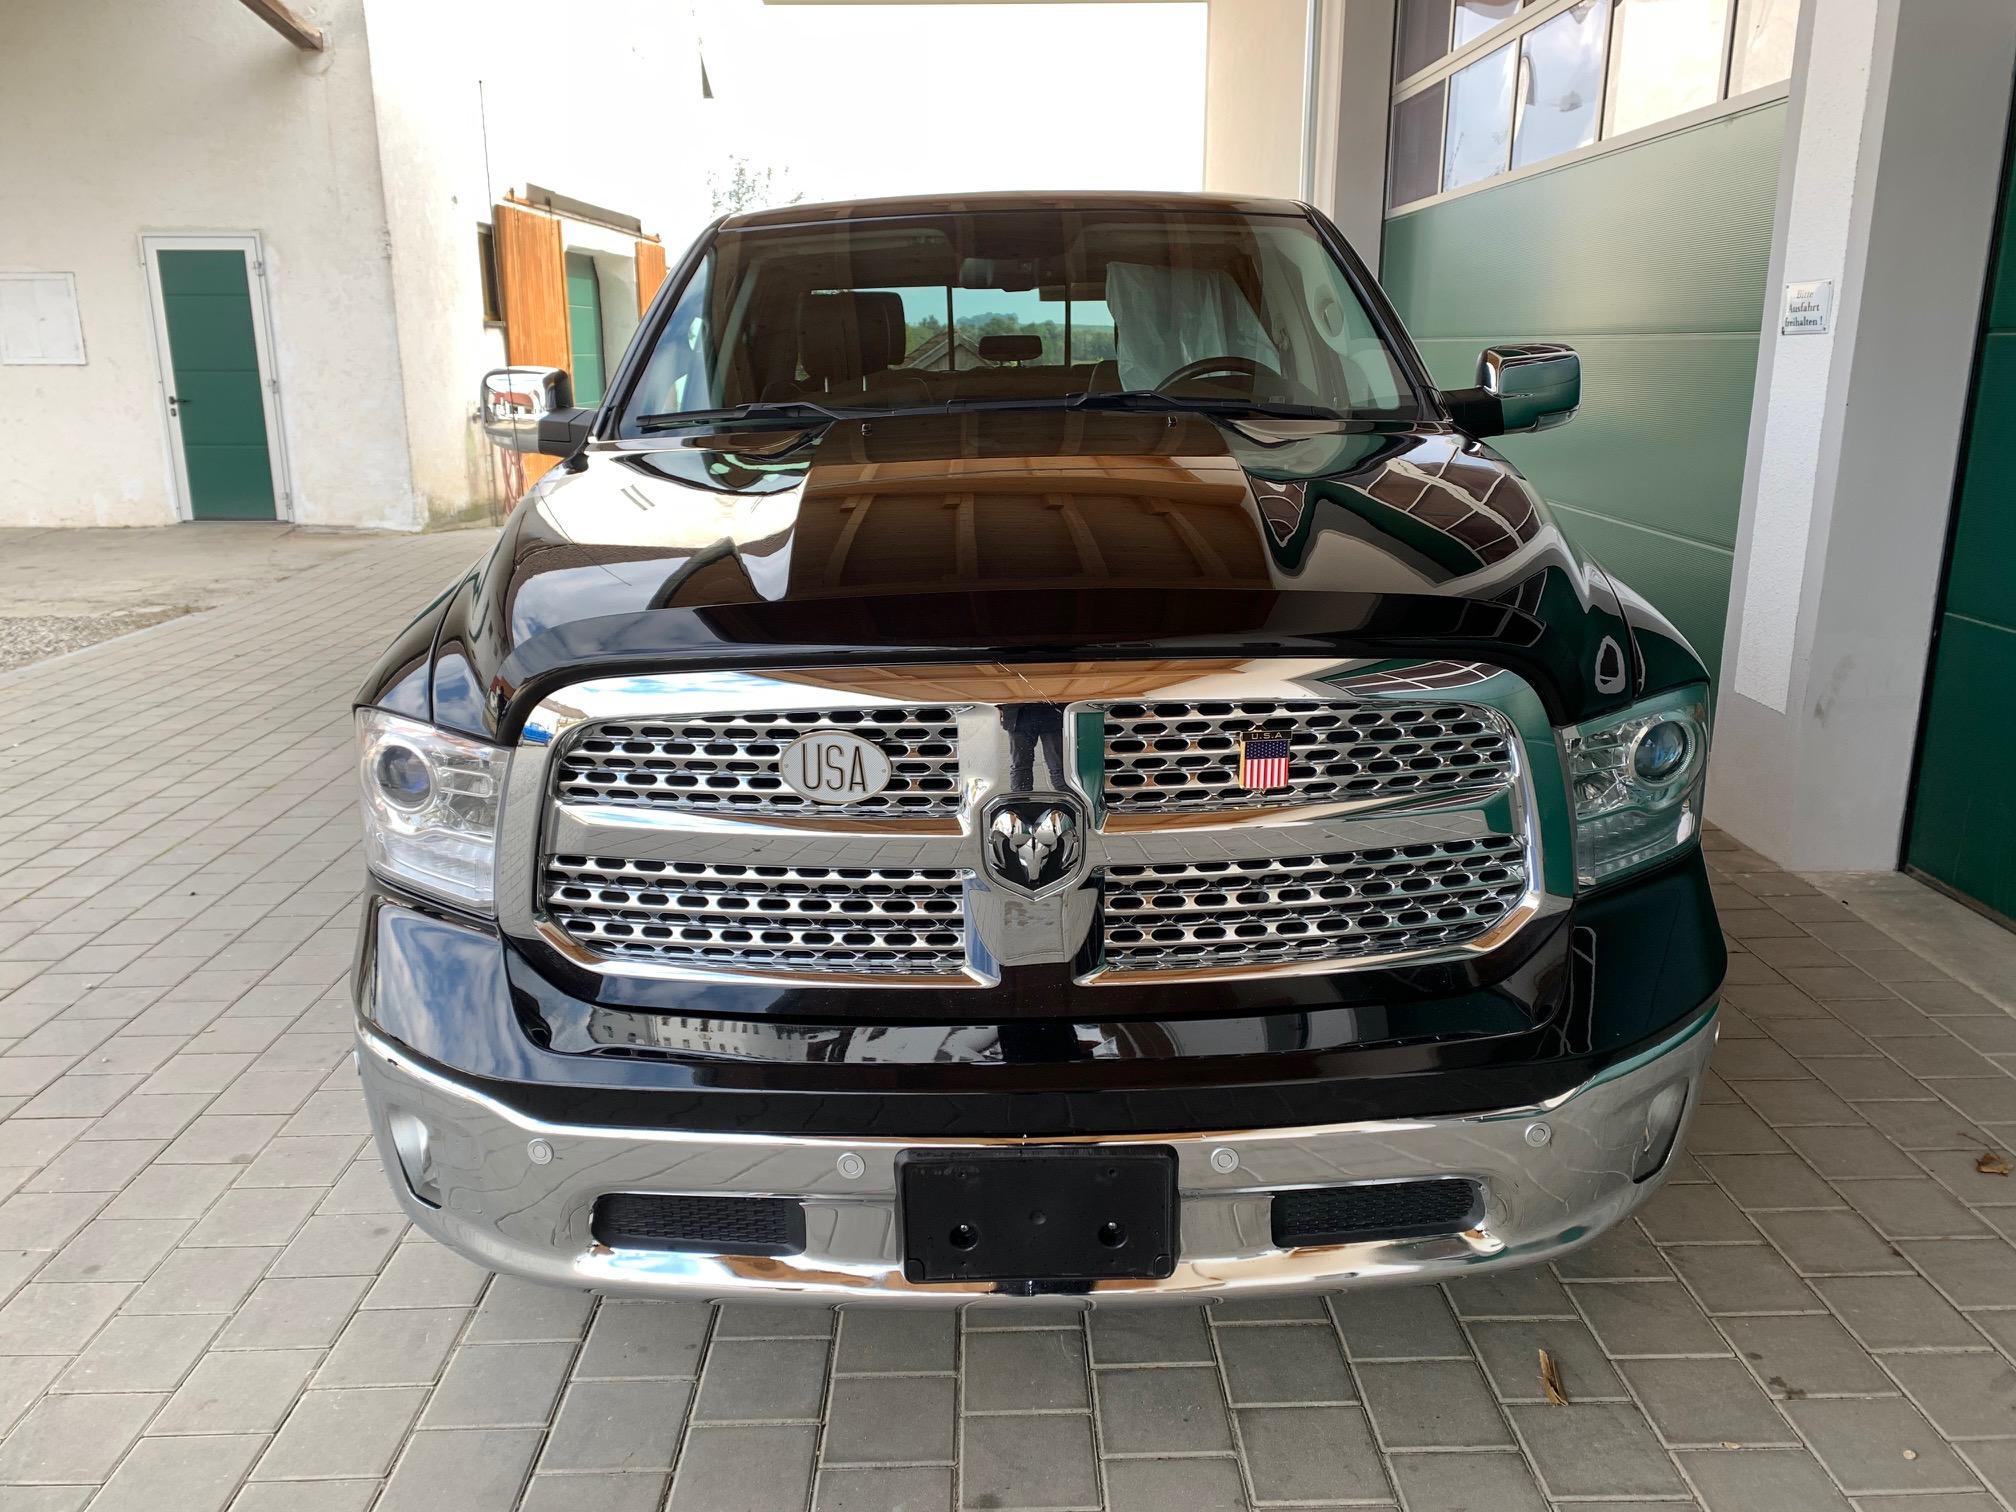 2017 Schwarzer Dodge Ram 1500 Laramie Hemi 5,7 Allrad viele Extras